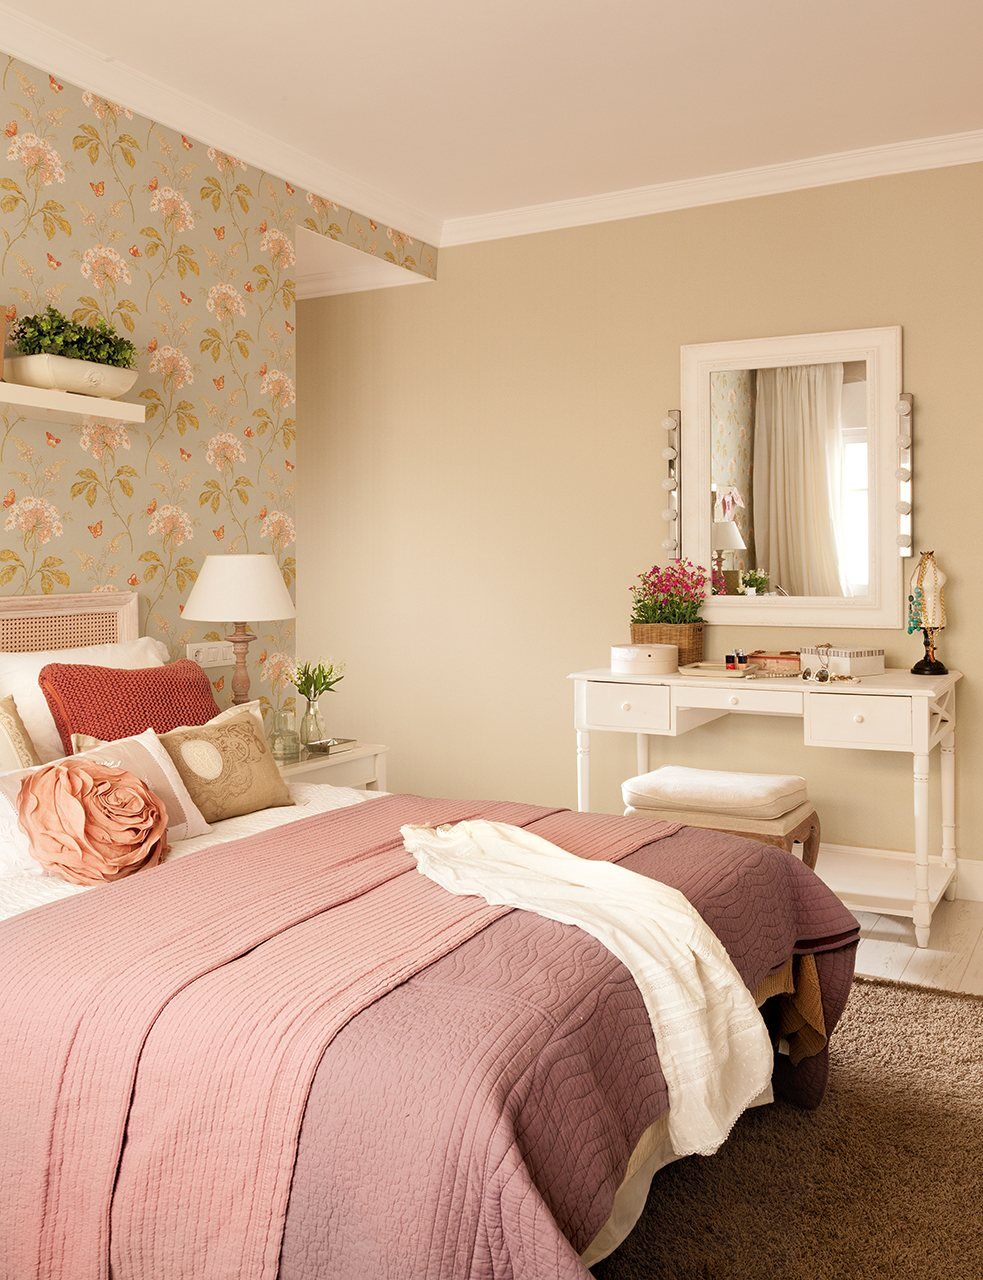 Dormitorio Principal Con Pared Frontal Empapelado Y Cabezal  ~ Cuanto Cuesta Pintar Una Habitacion